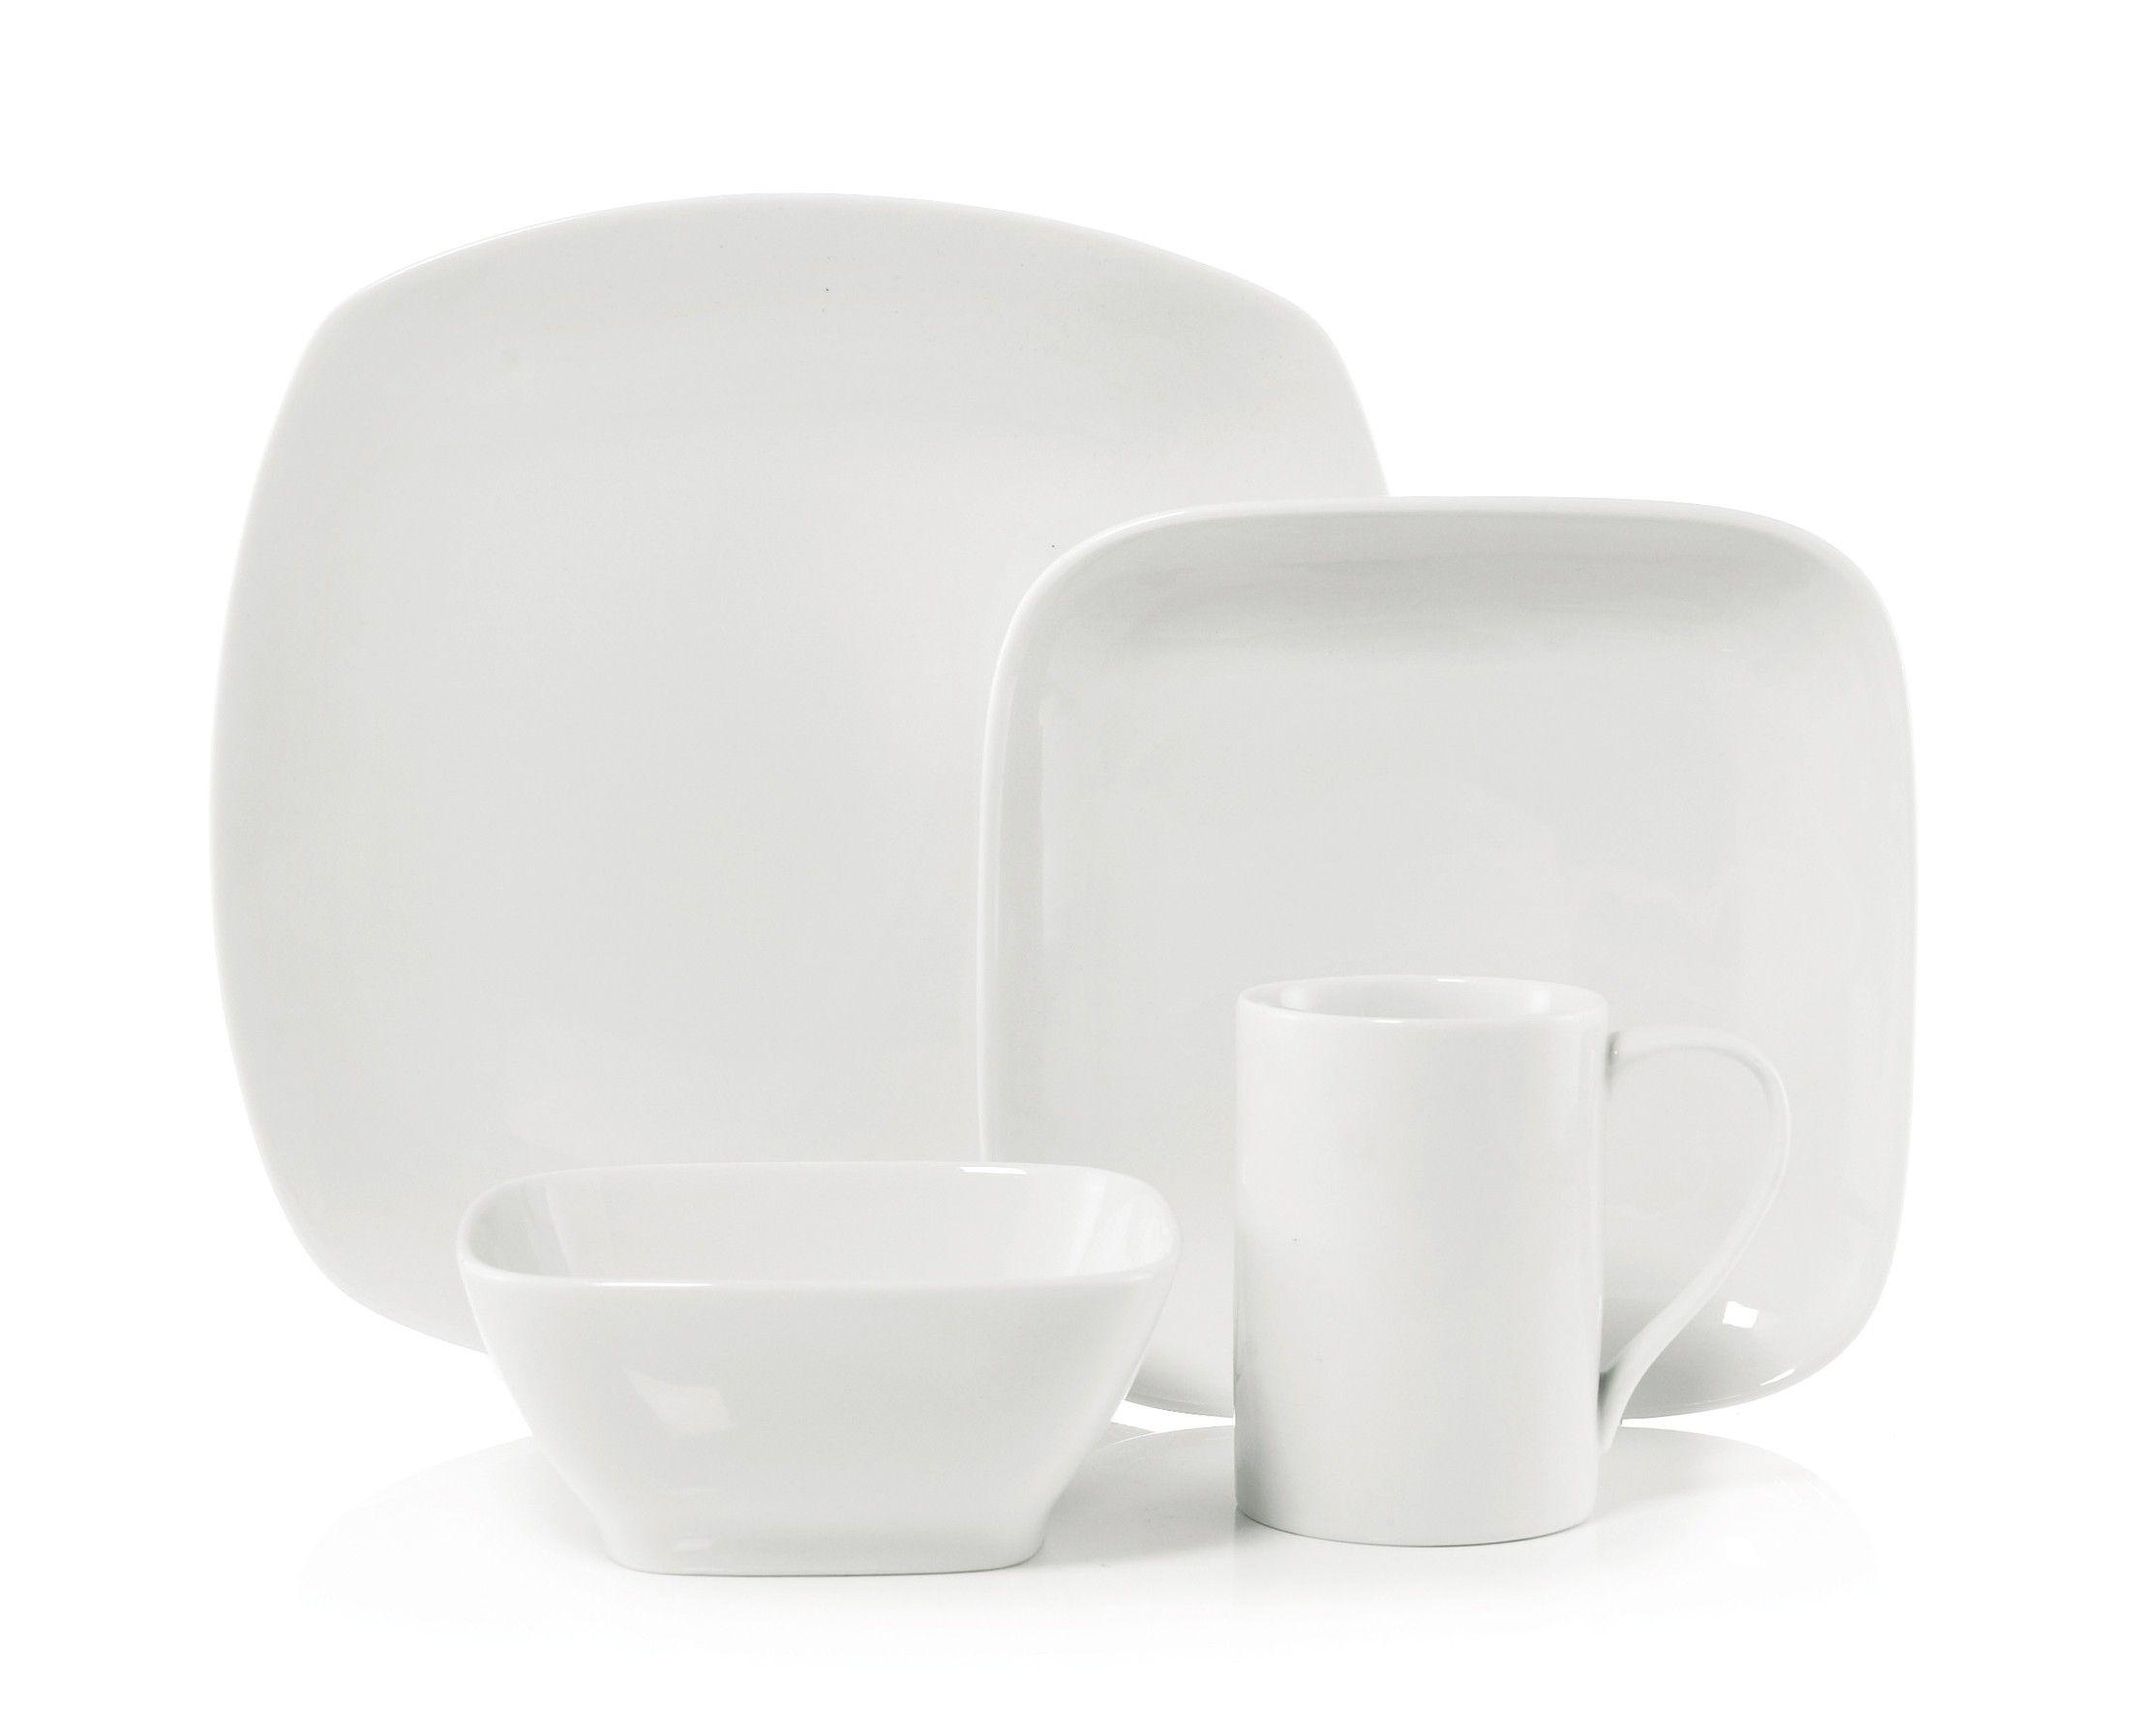 Qube II Super White dinnerware set, 16 PC (service for 4 ...